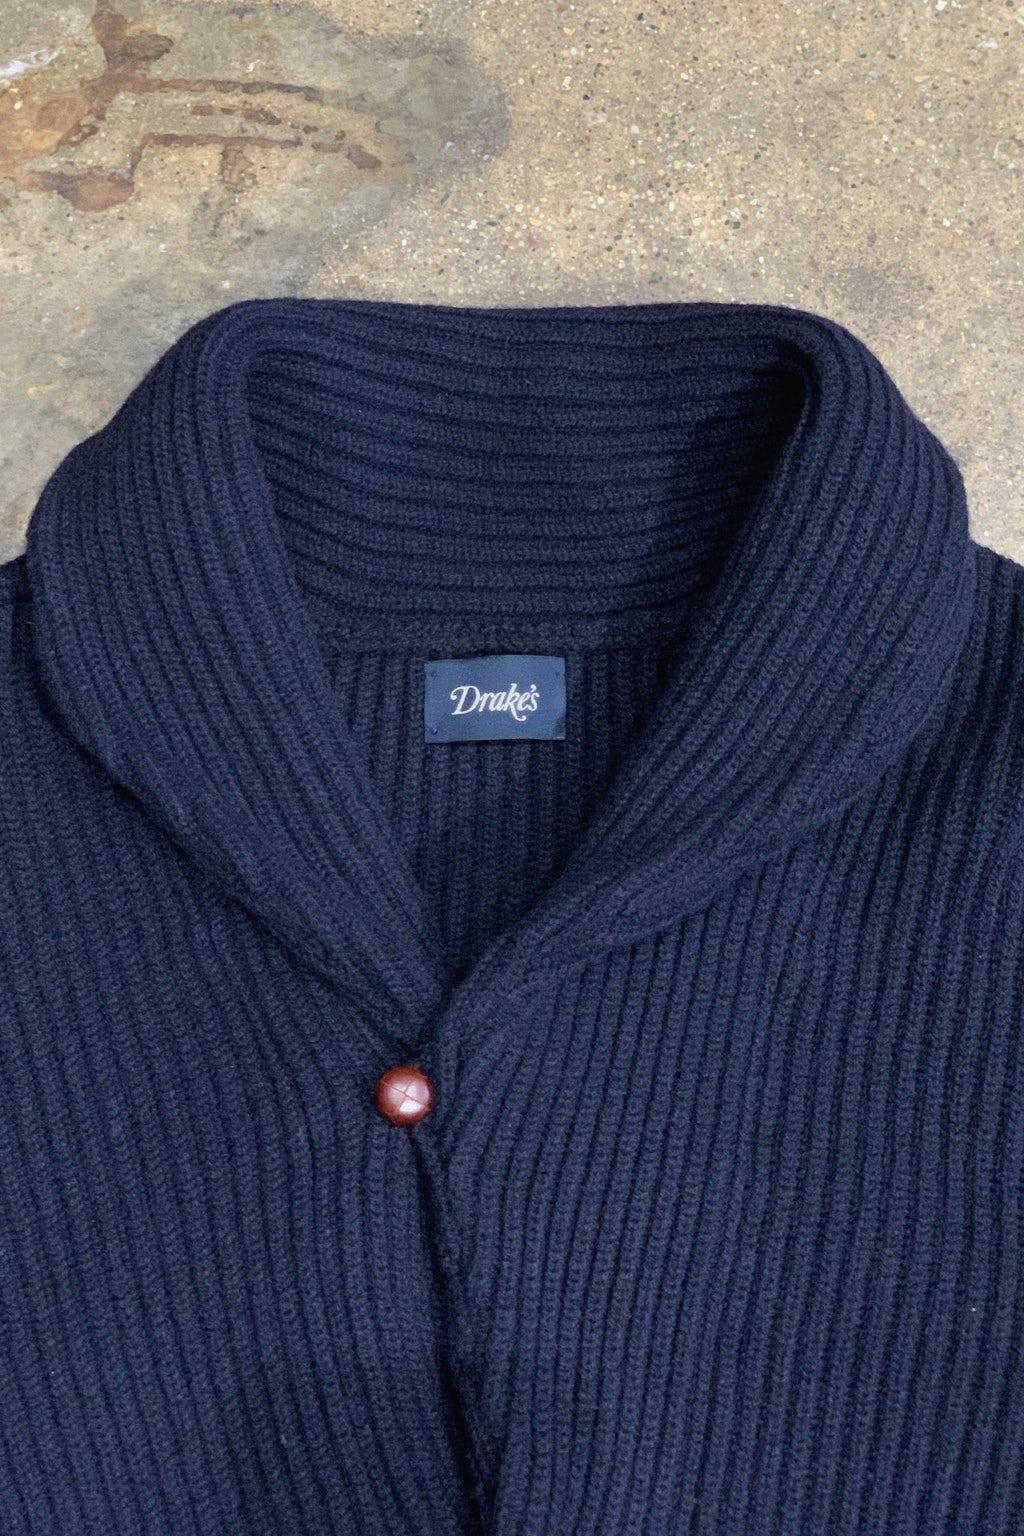 Drake's Sweater Shawl Collar Rib Cardigan Dark Navy